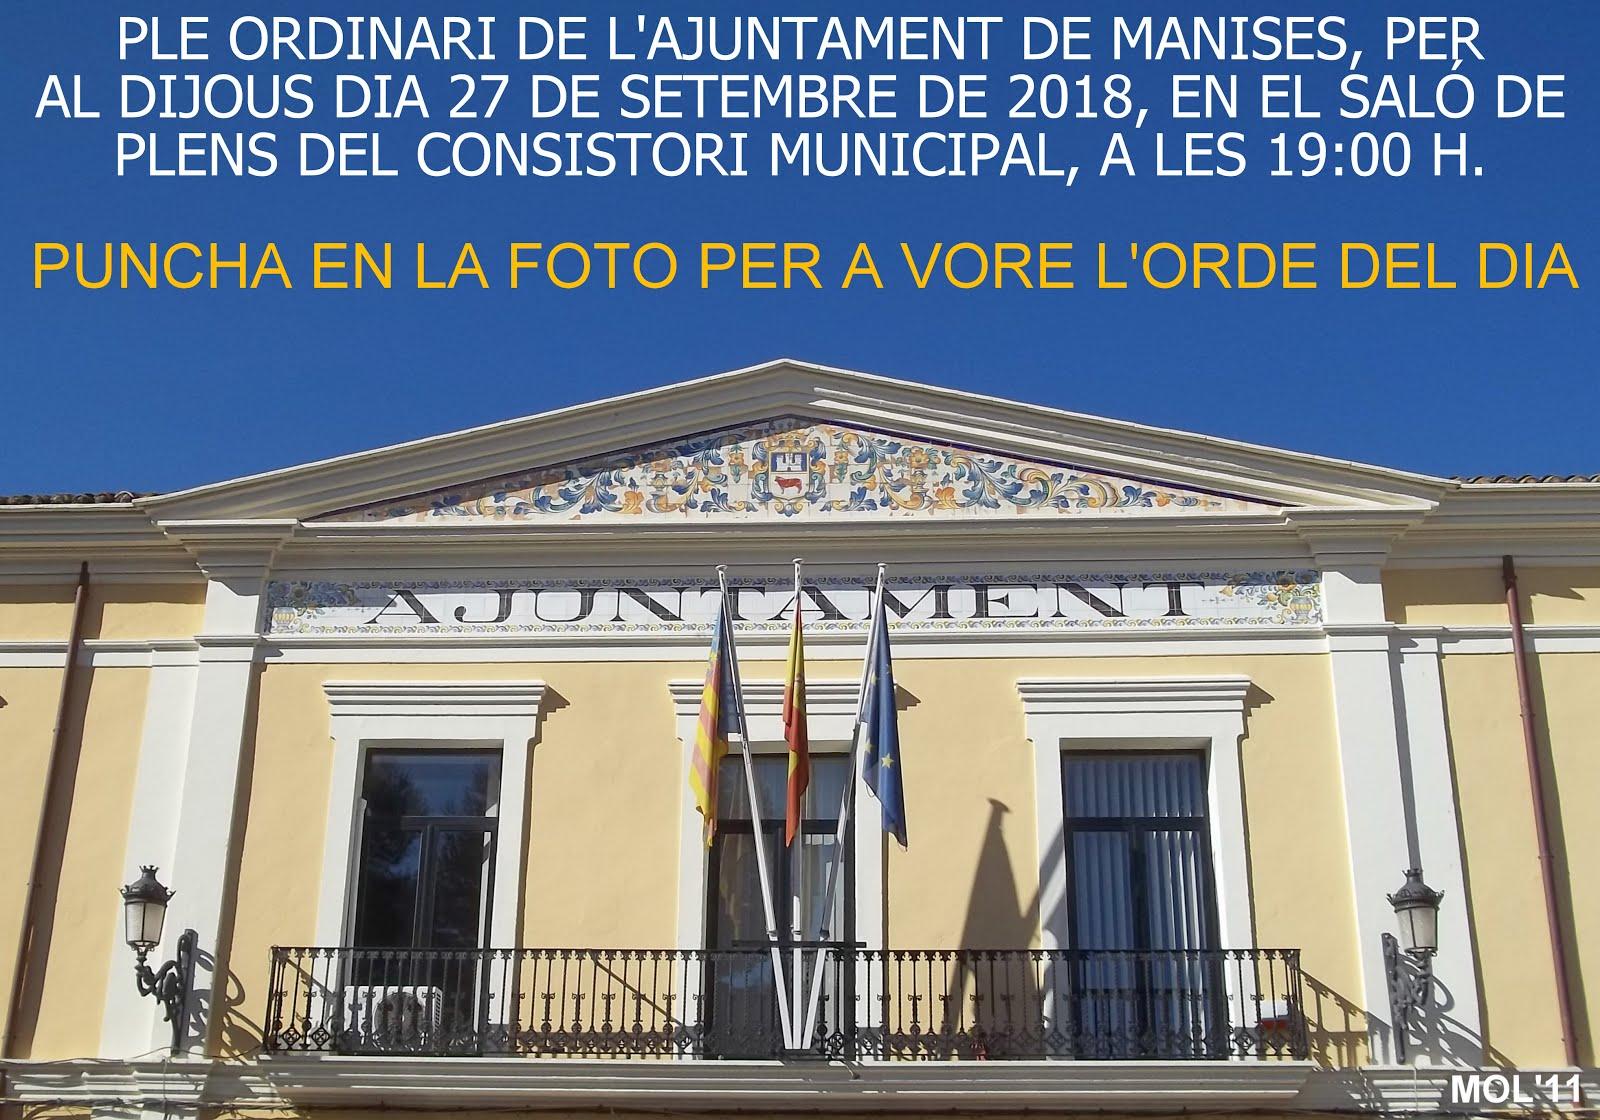 27.09.18 PLENO ORDINARIO DEL AYTO DE MANISES DEL MES DE SEPTIEMBRE